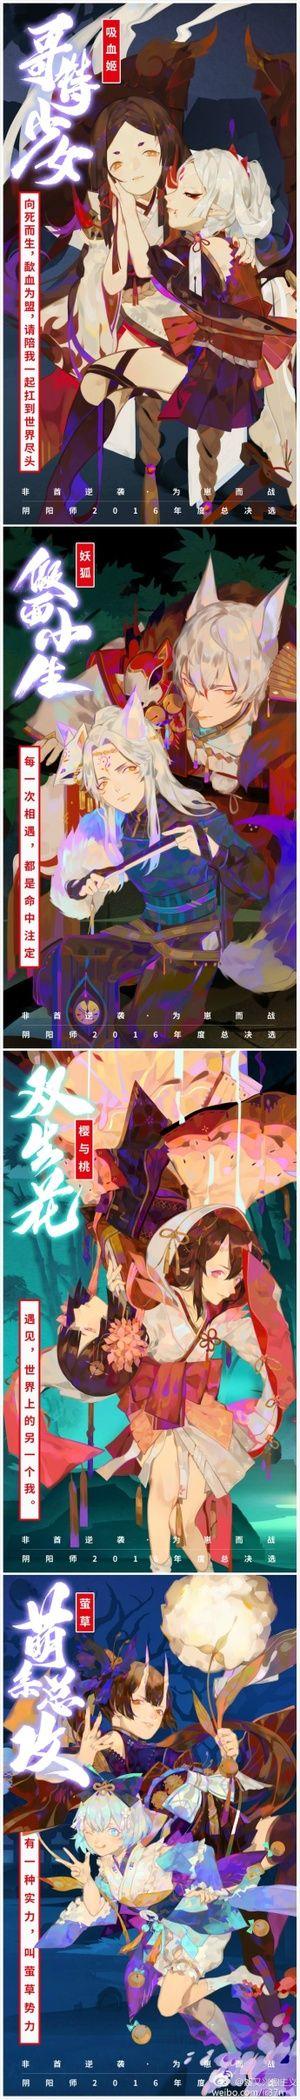 《阴阳师》手游官网_网易和风匠心巨制,开启唯美奇幻之旅